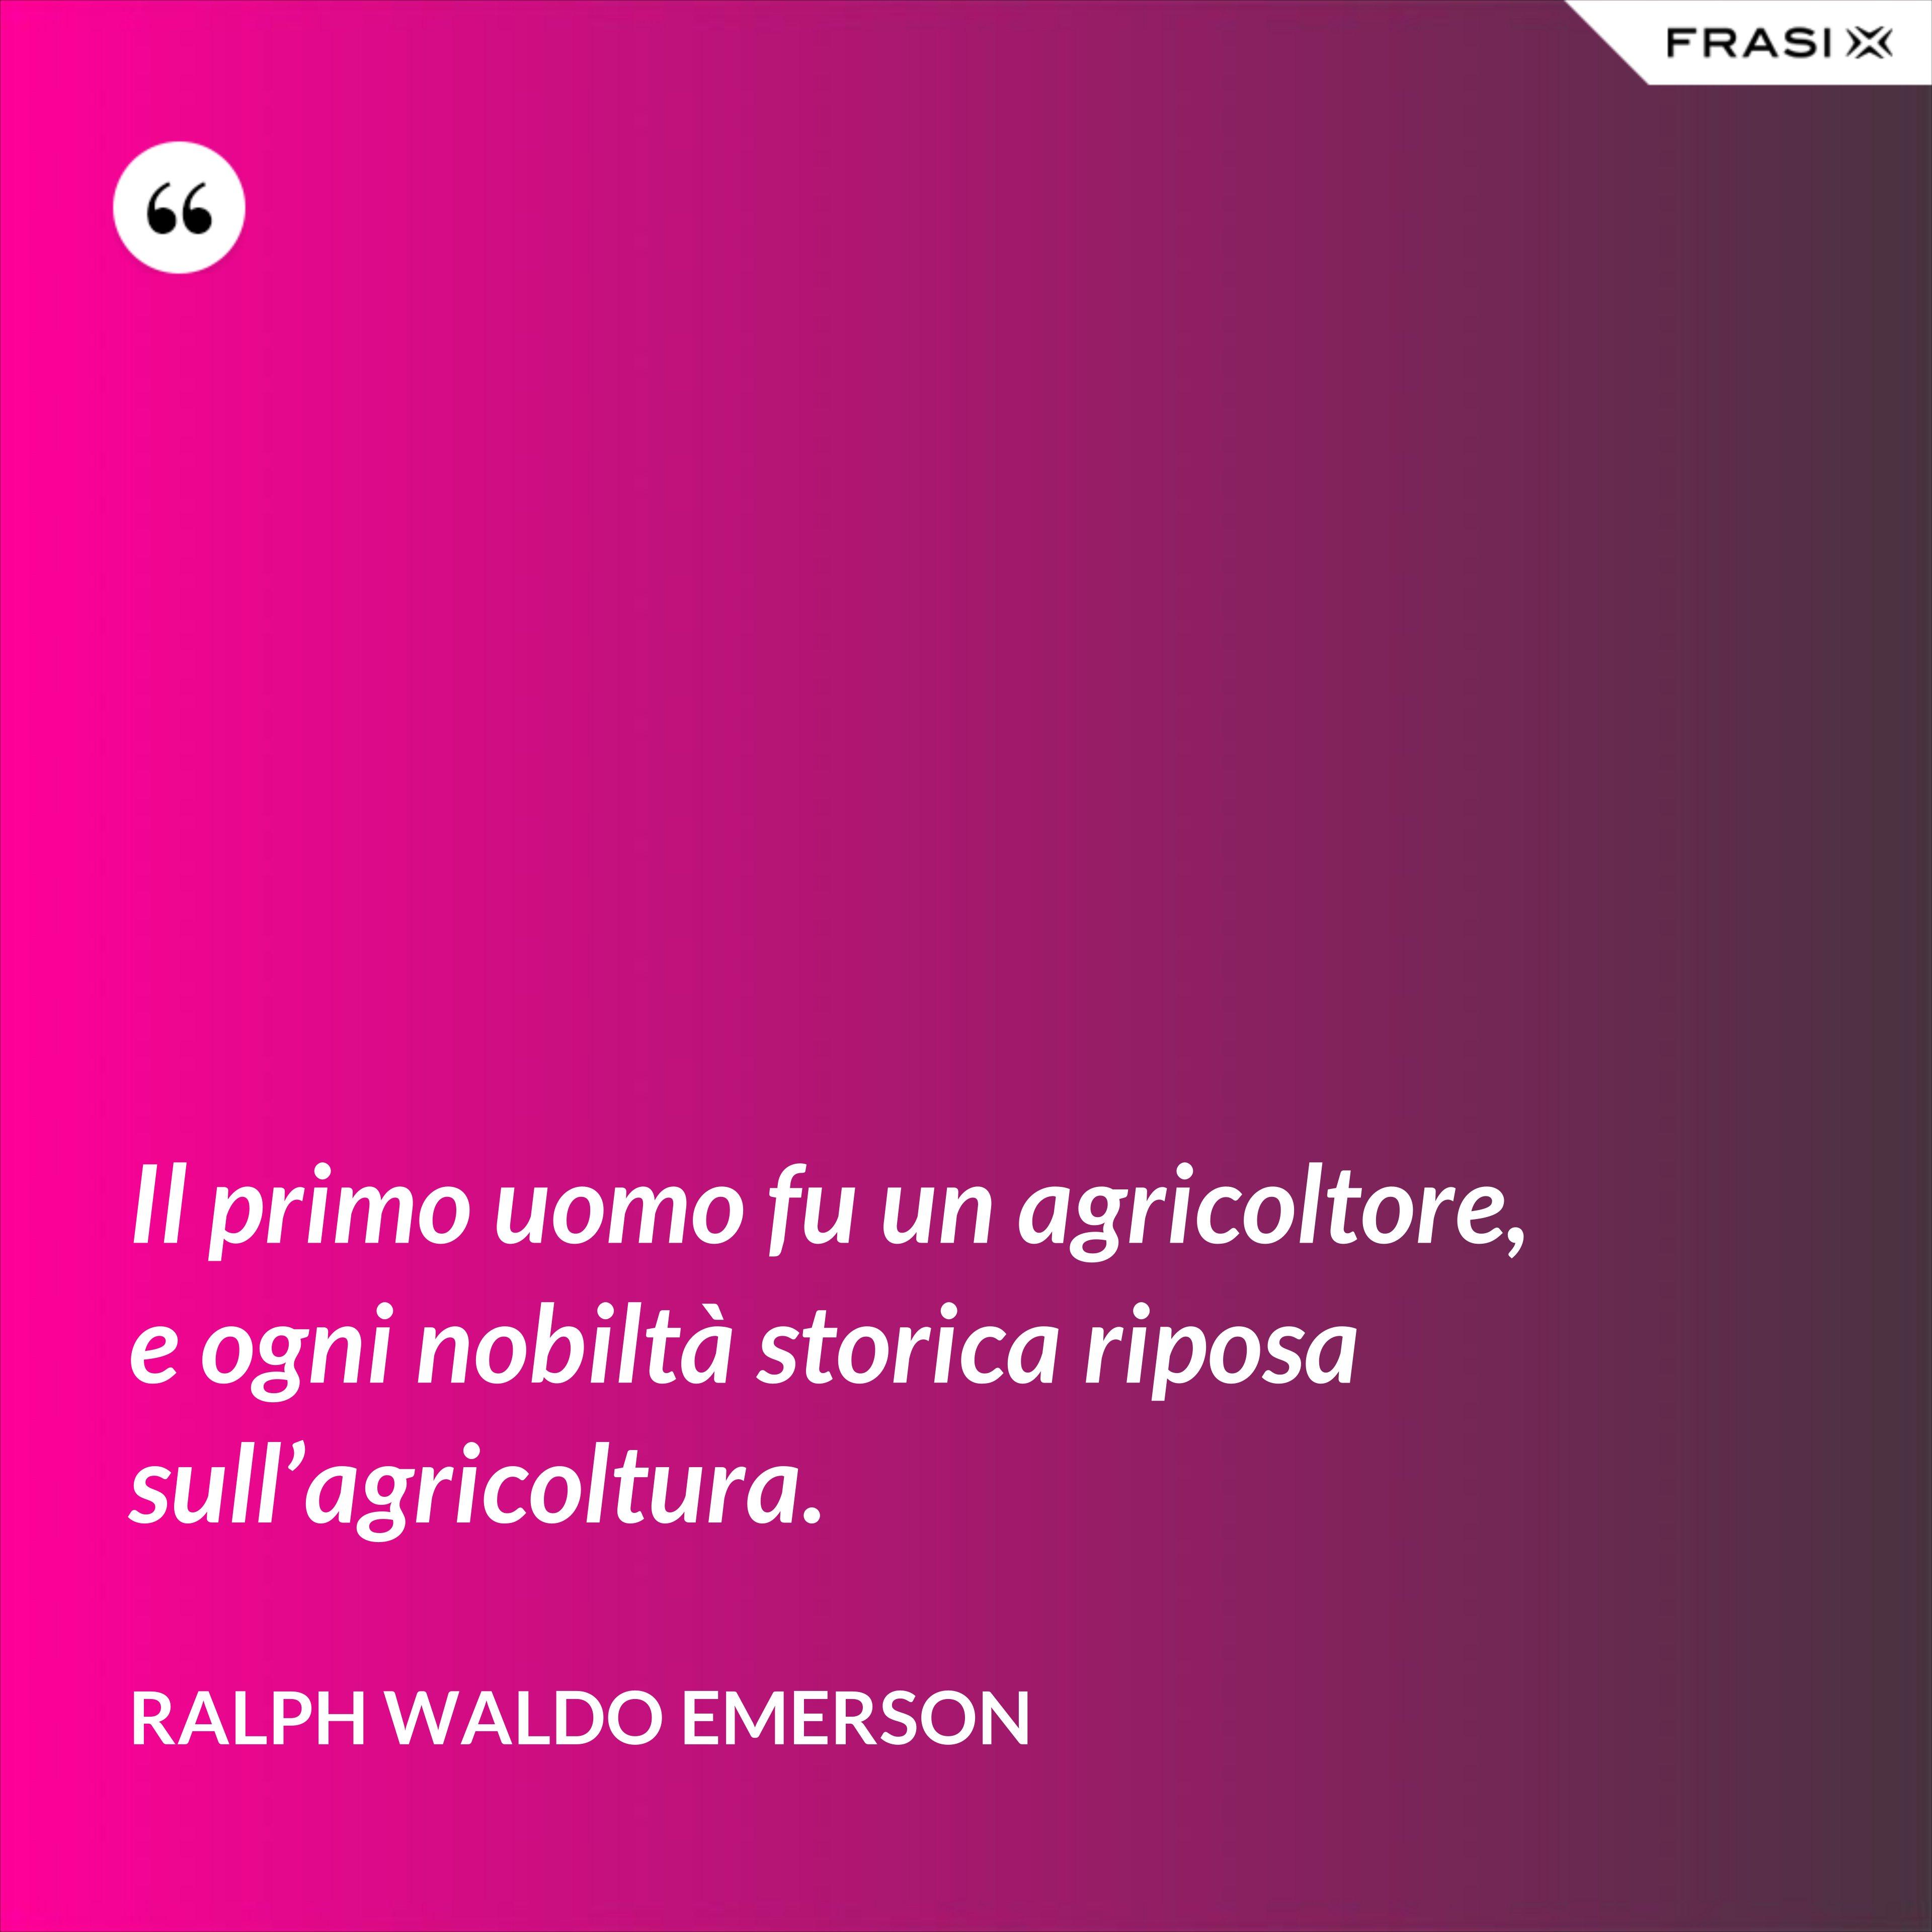 Il primo uomo fu un agricoltore, e ogni nobiltà storica riposa sull'agricoltura. - Ralph Waldo Emerson